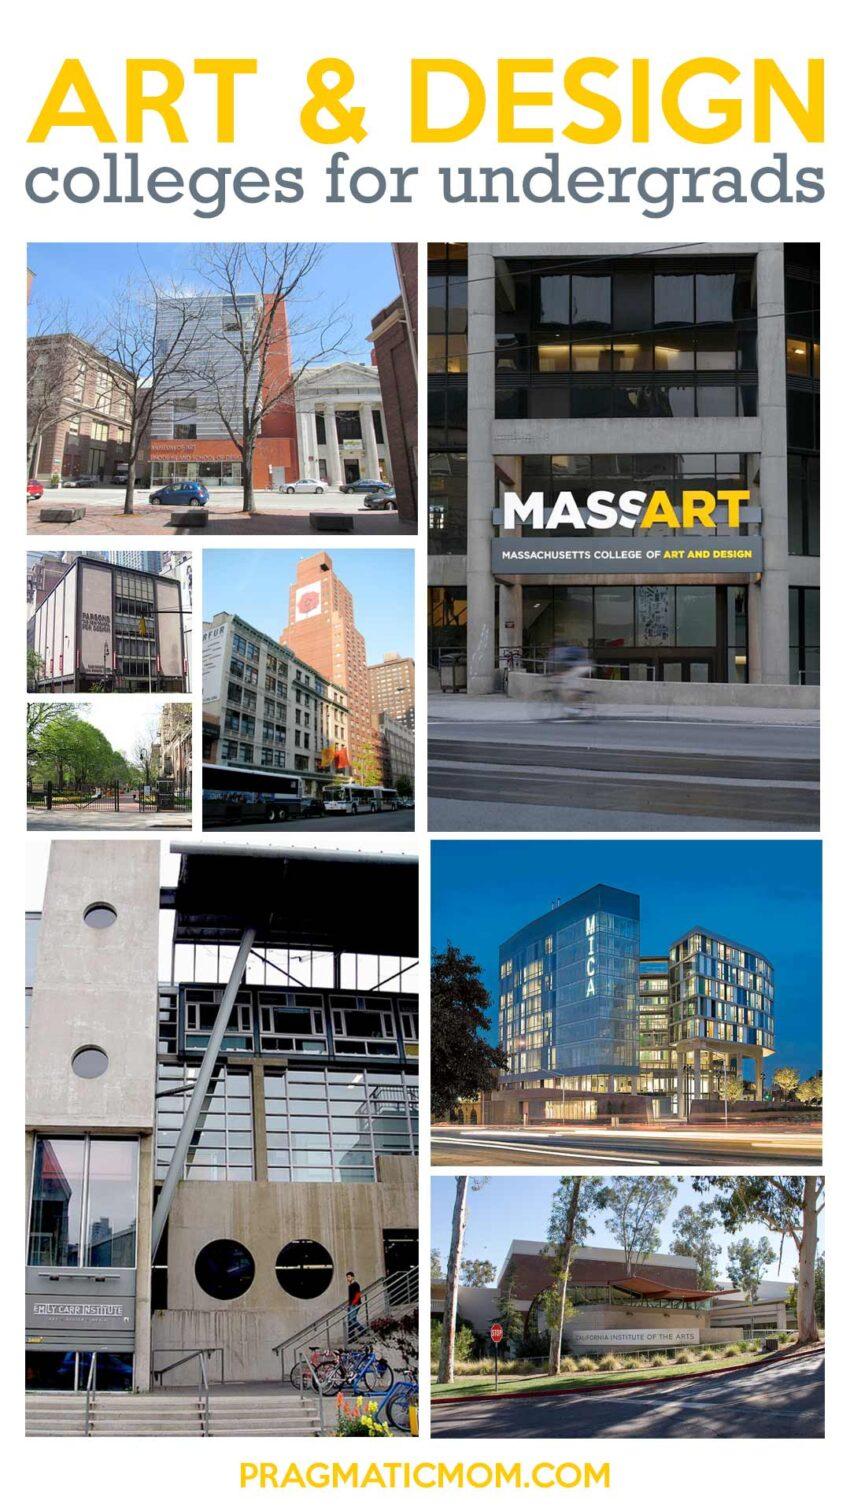 Top Art & Design Colleges for Undergraduates